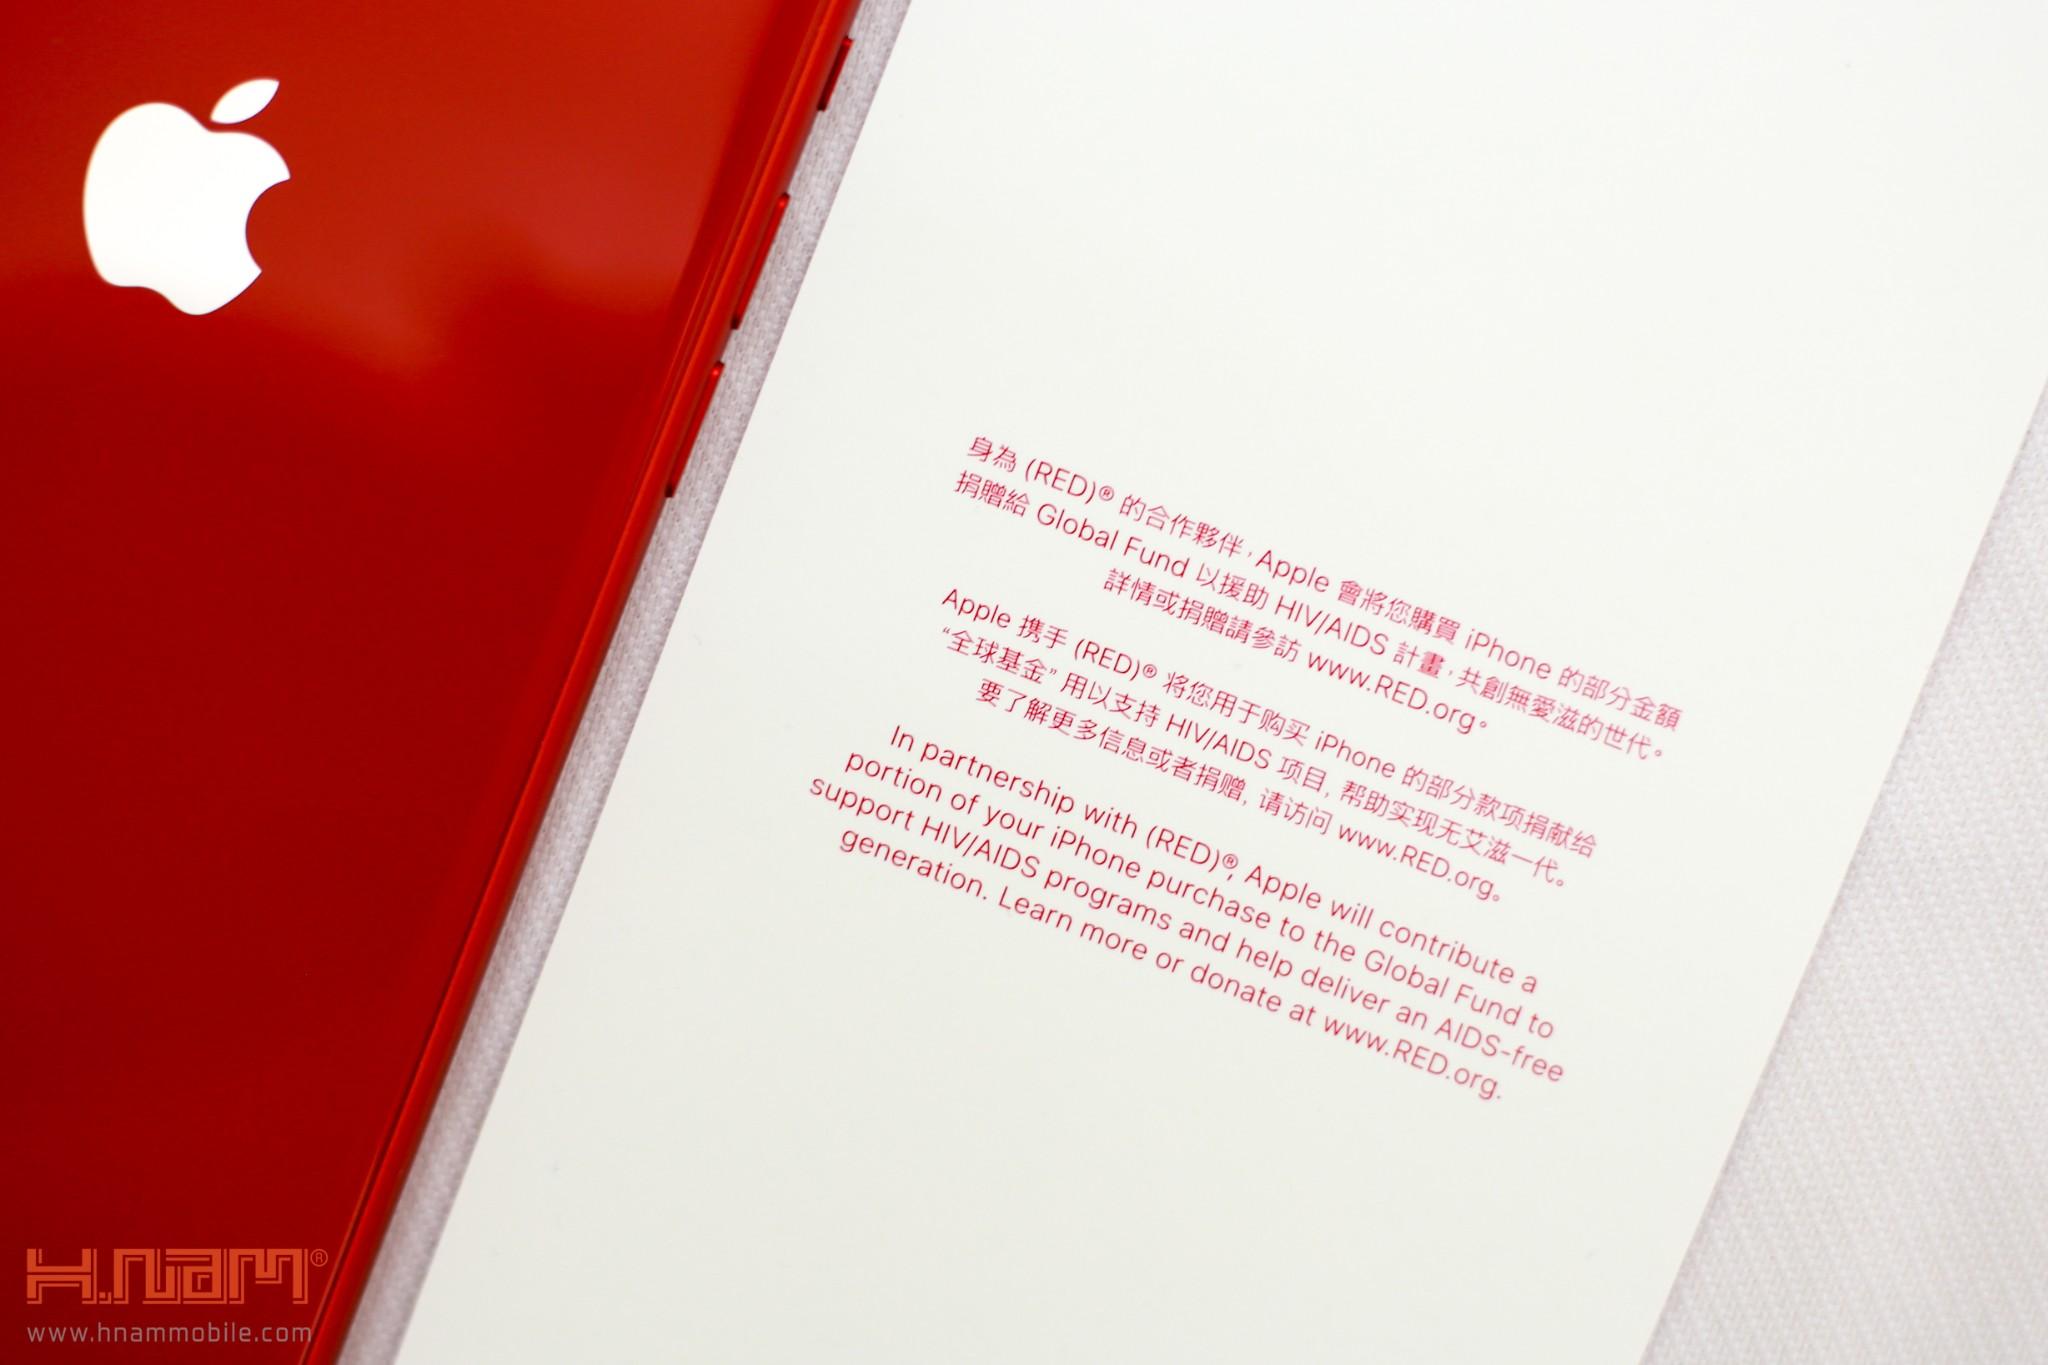 Đập hộp iPhone 8 Plus phiên bản Product Red: Nhìn là chỉ muốn sở hữu ngay! hình 6